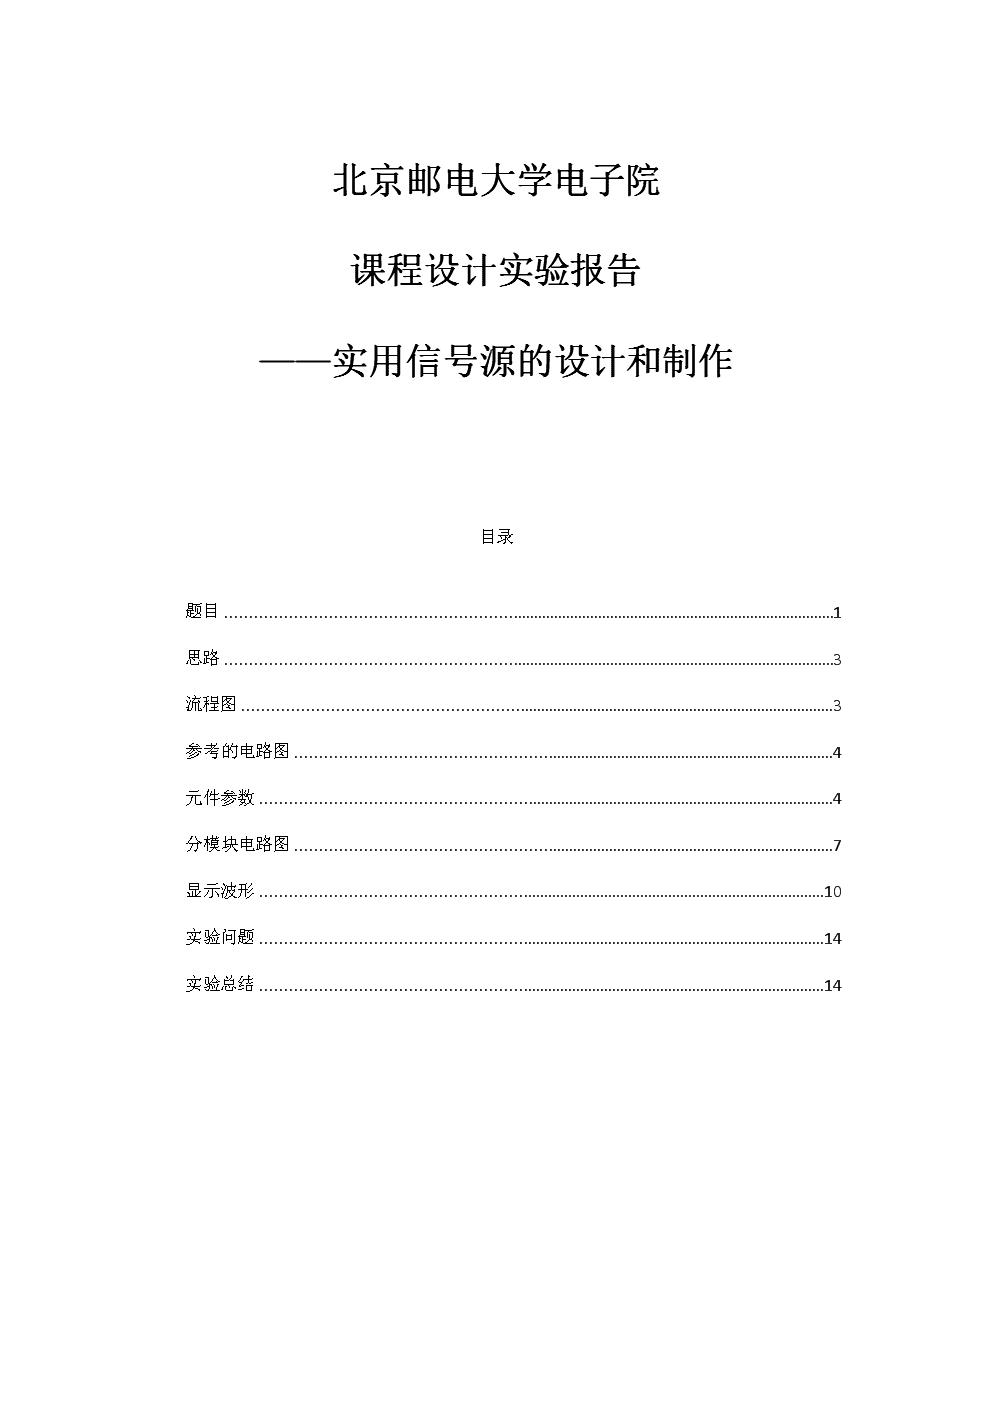 北京邮电大学电子院 课程设计实验报告 ——实用信号源的设计和制作.docx